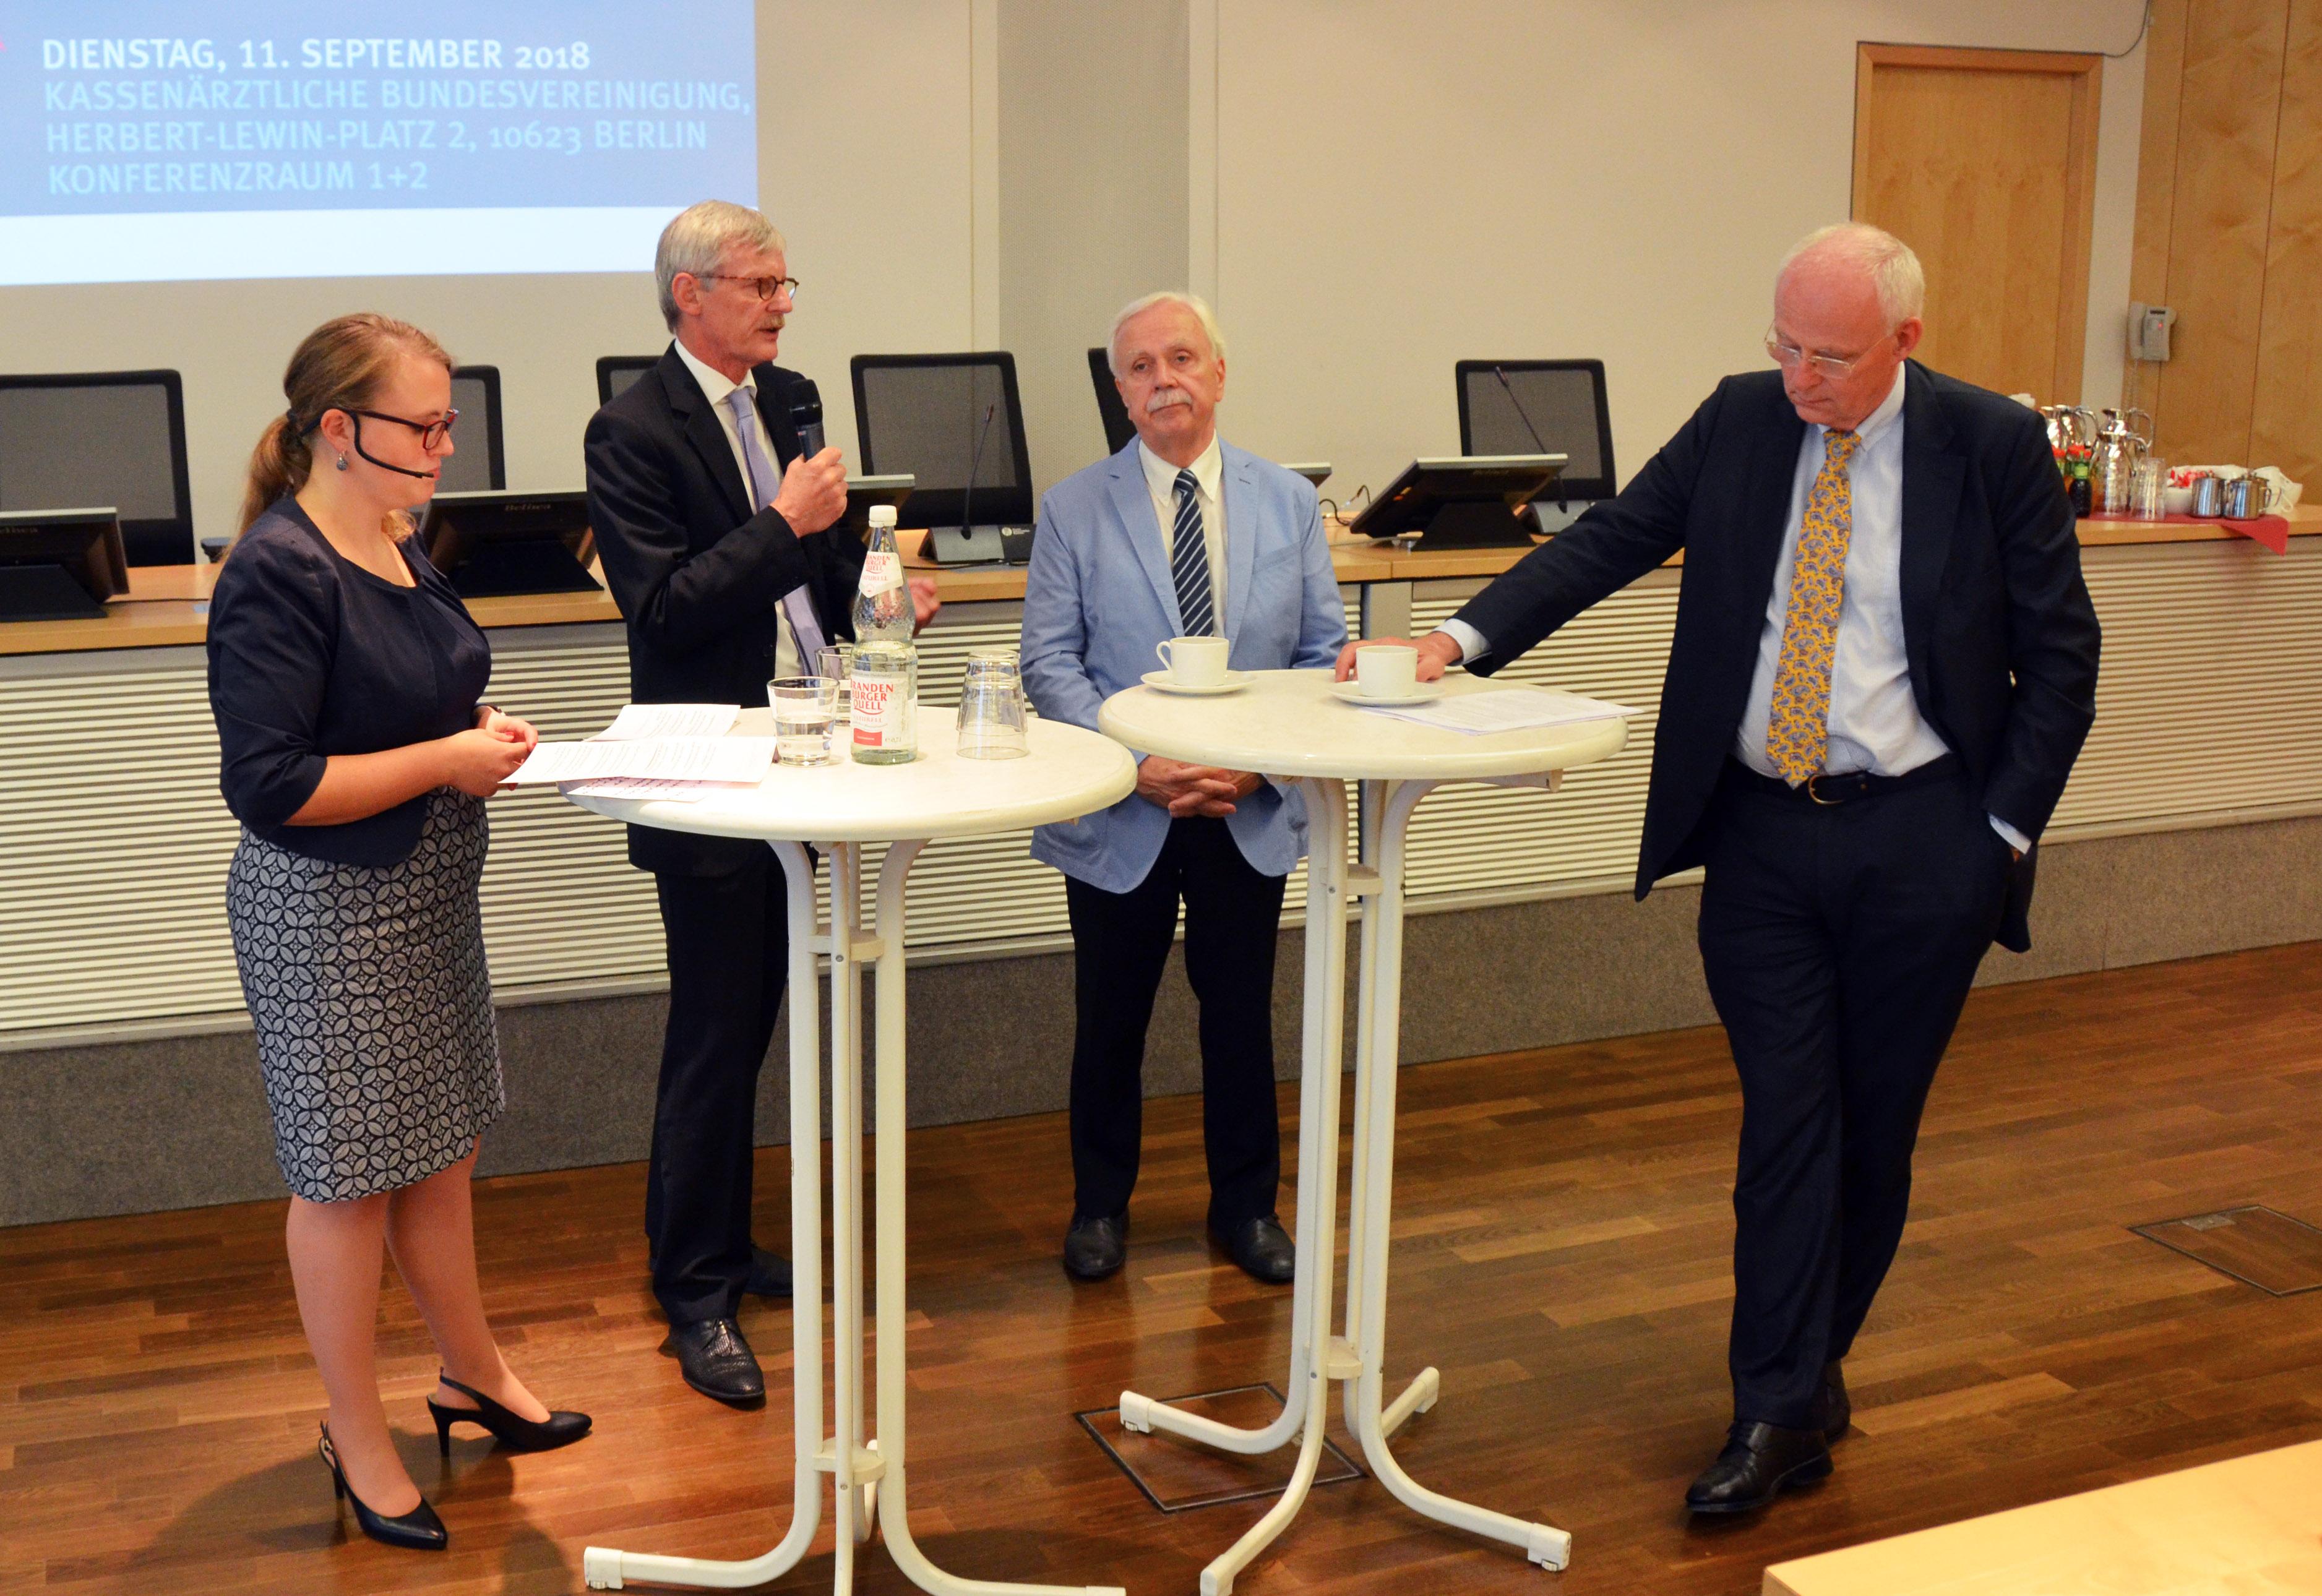 """Dr. Thomas Kriedel bei der Podiumsdiskussion zum Bürokratieabbau-Symposium: """"Wenn Digitalisierung konsequent gedacht wird, kann dies auch zu Bürokratieabbau beitragen."""""""